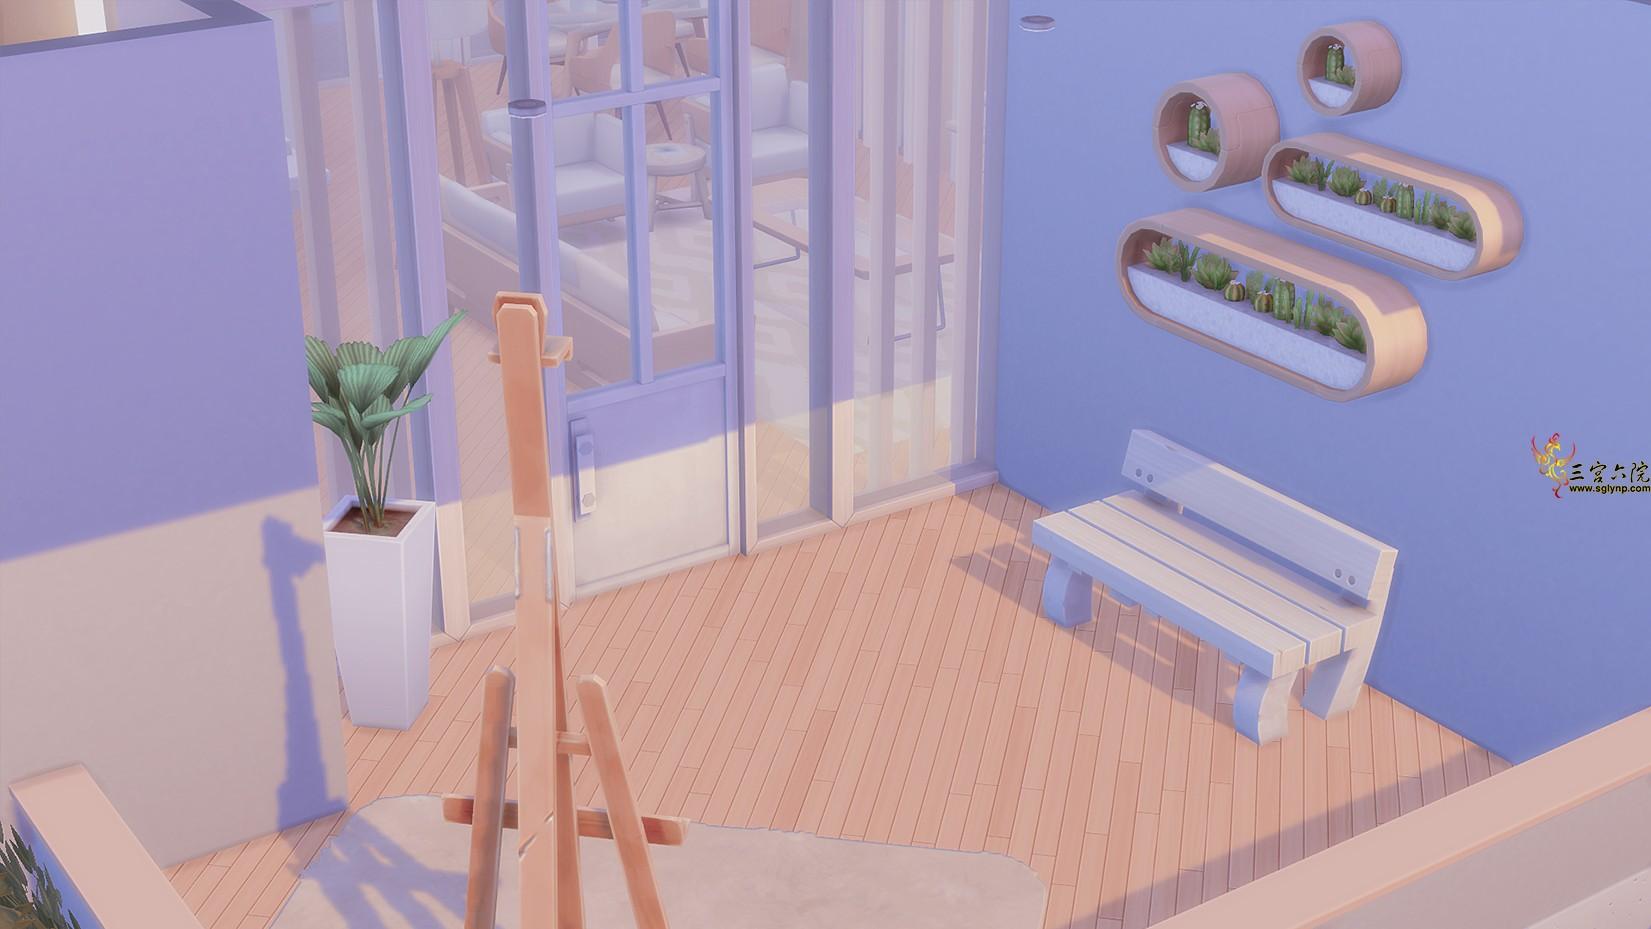 Sims 4 Screenshot 2021.02.14 - 14.09.55.90.png